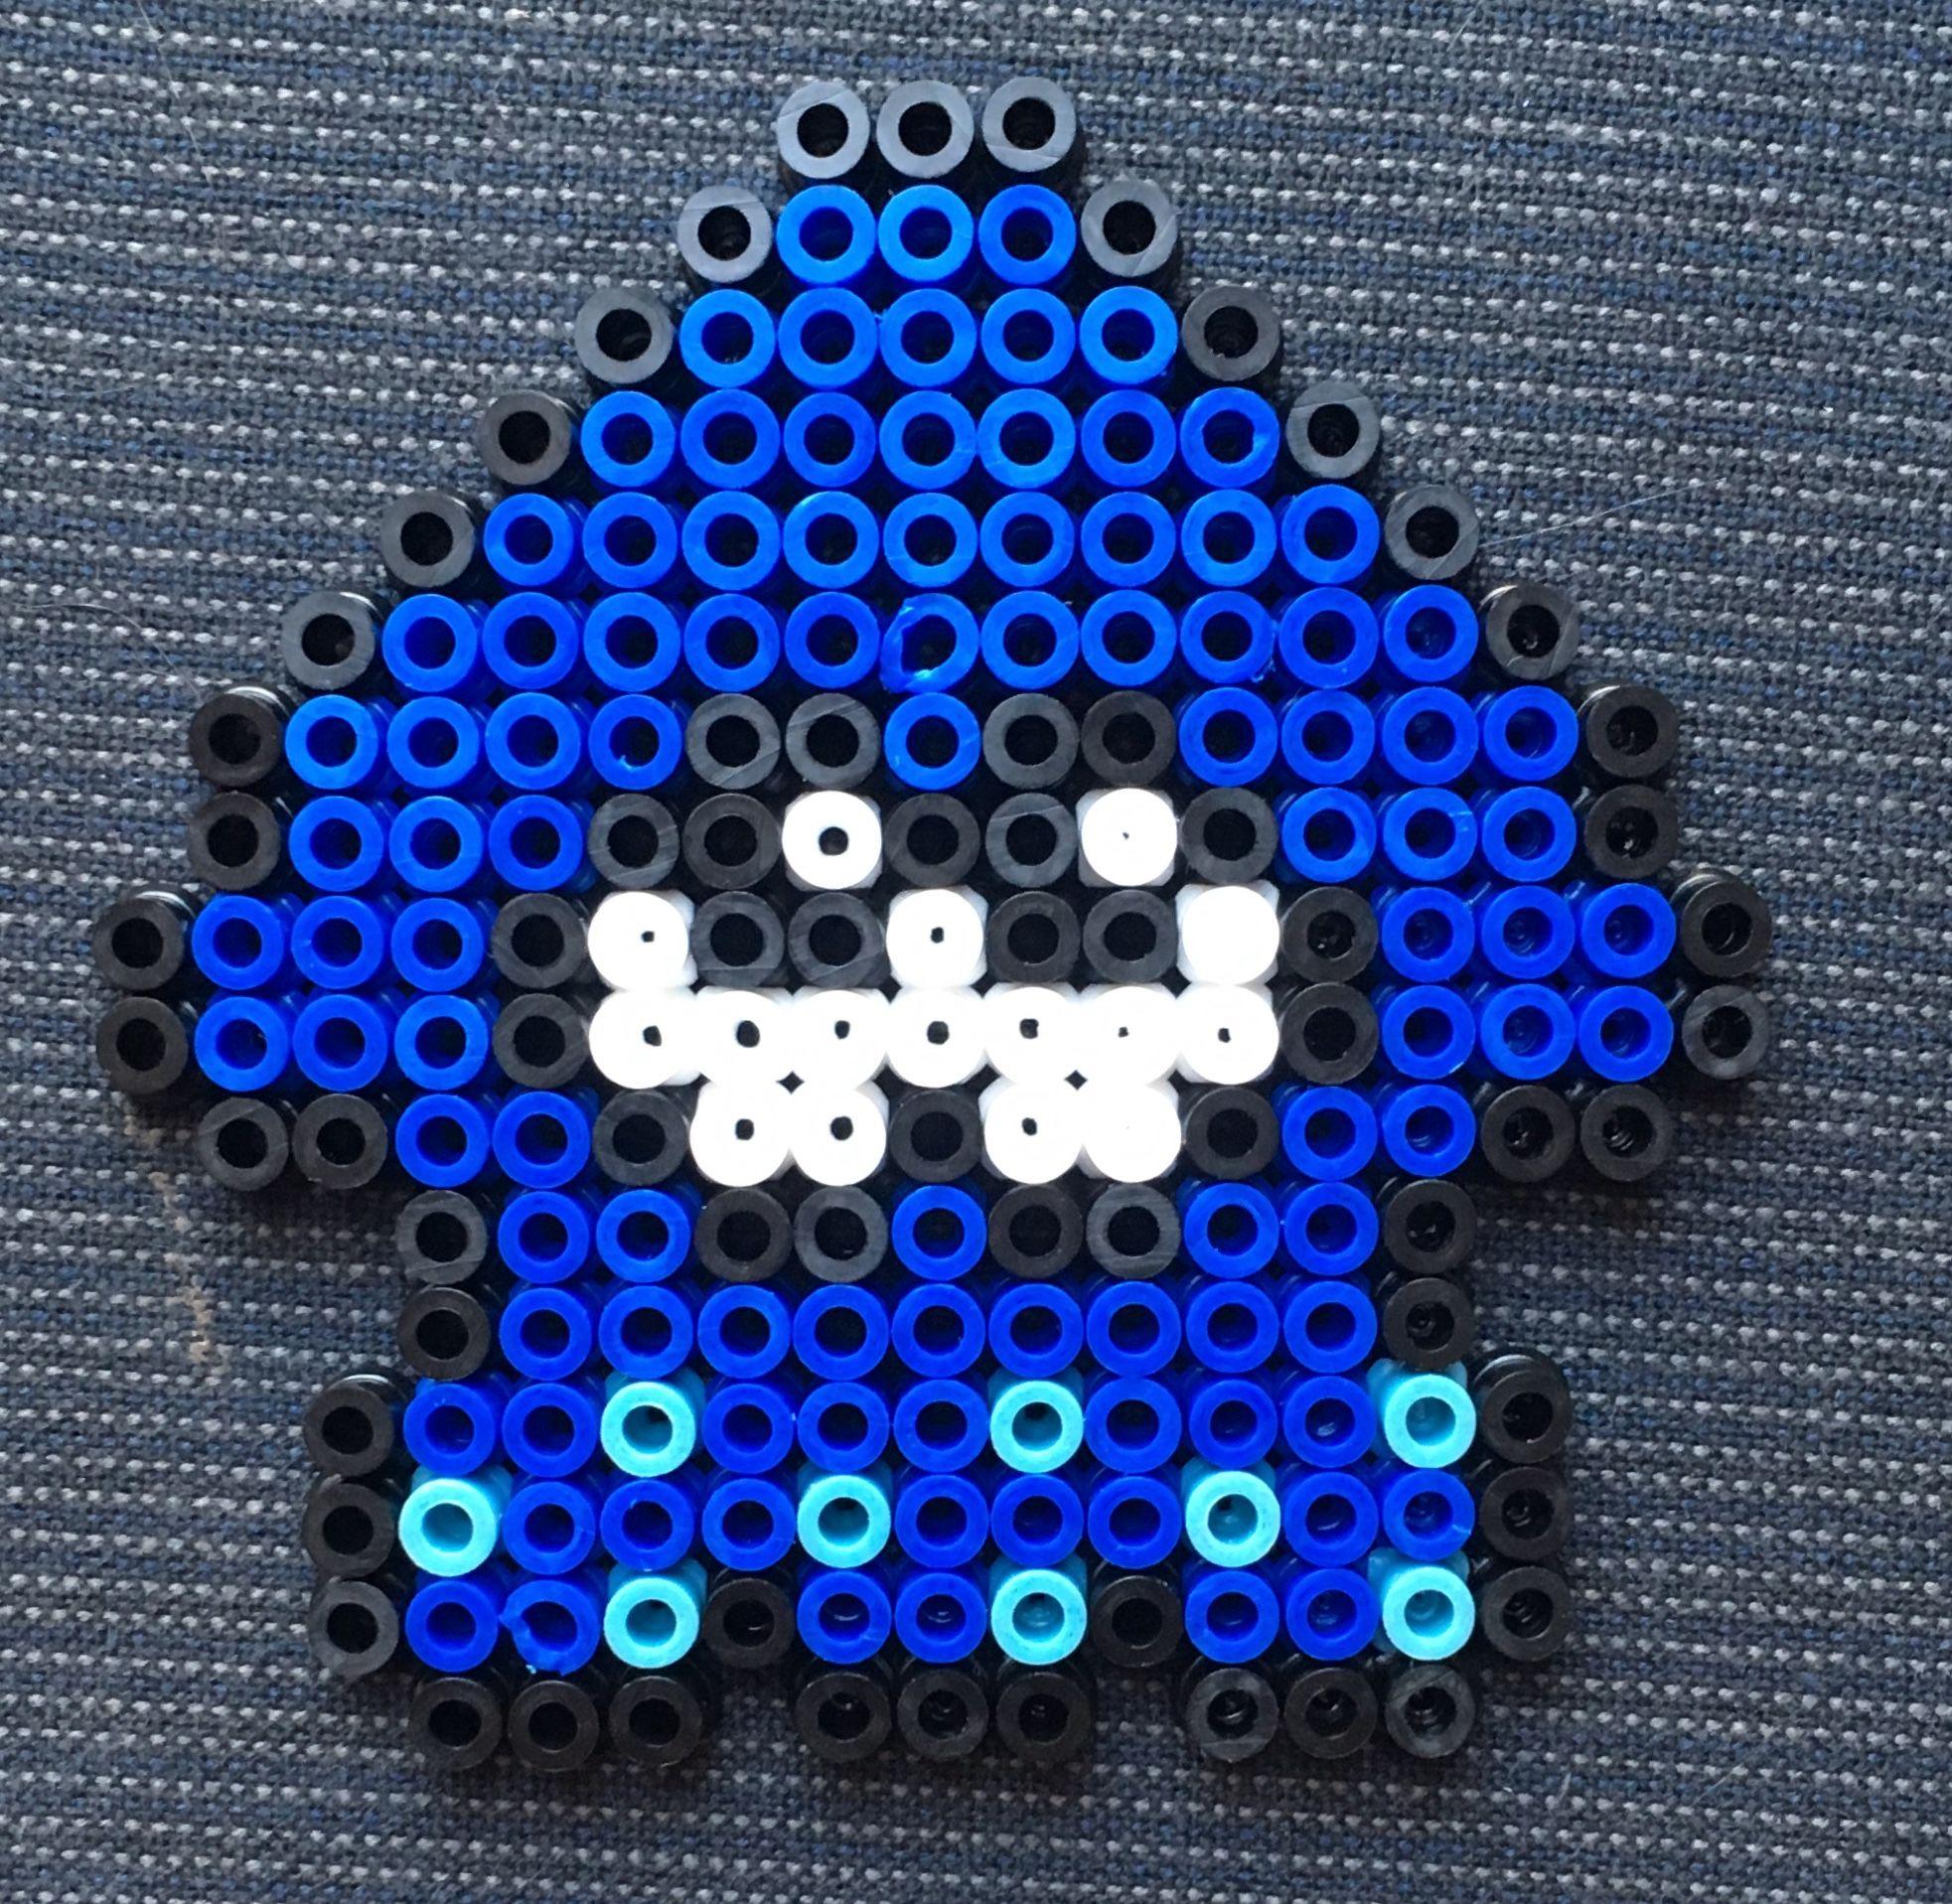 Pixel Art Dun Squid De Splatoon Melting Beads Perler